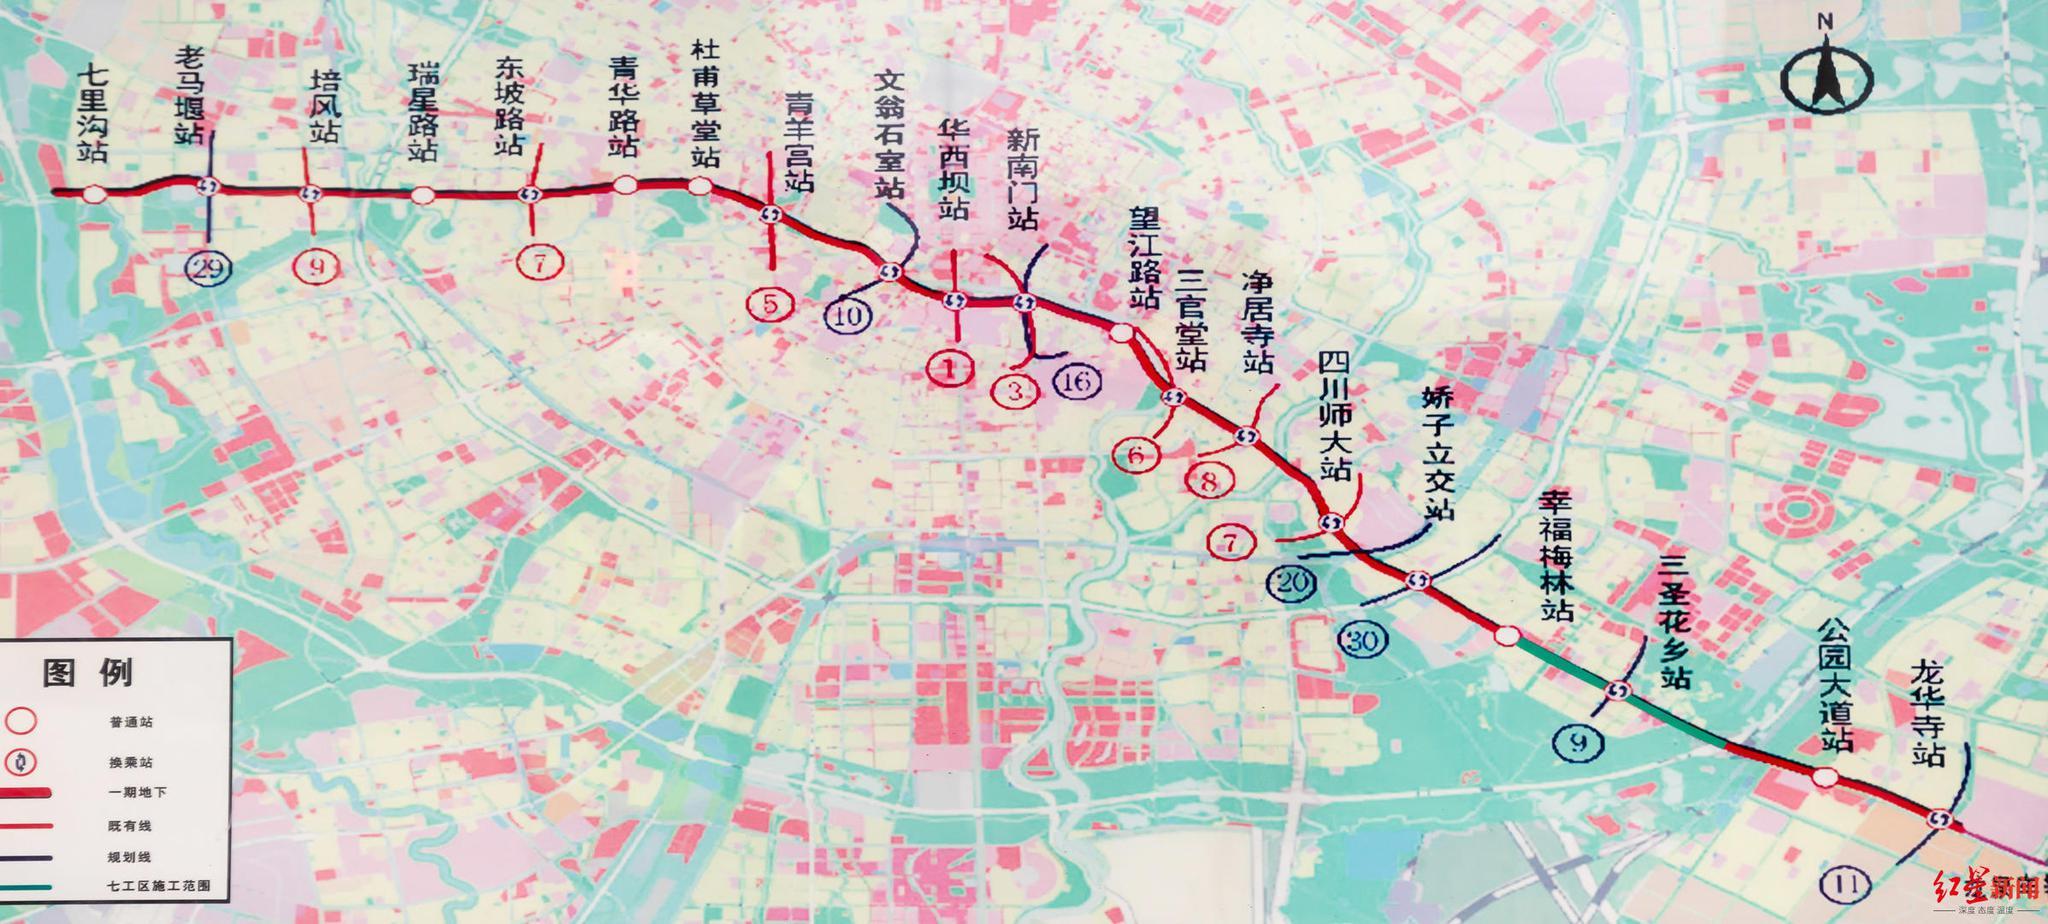 ▲成都地铁13号线站点